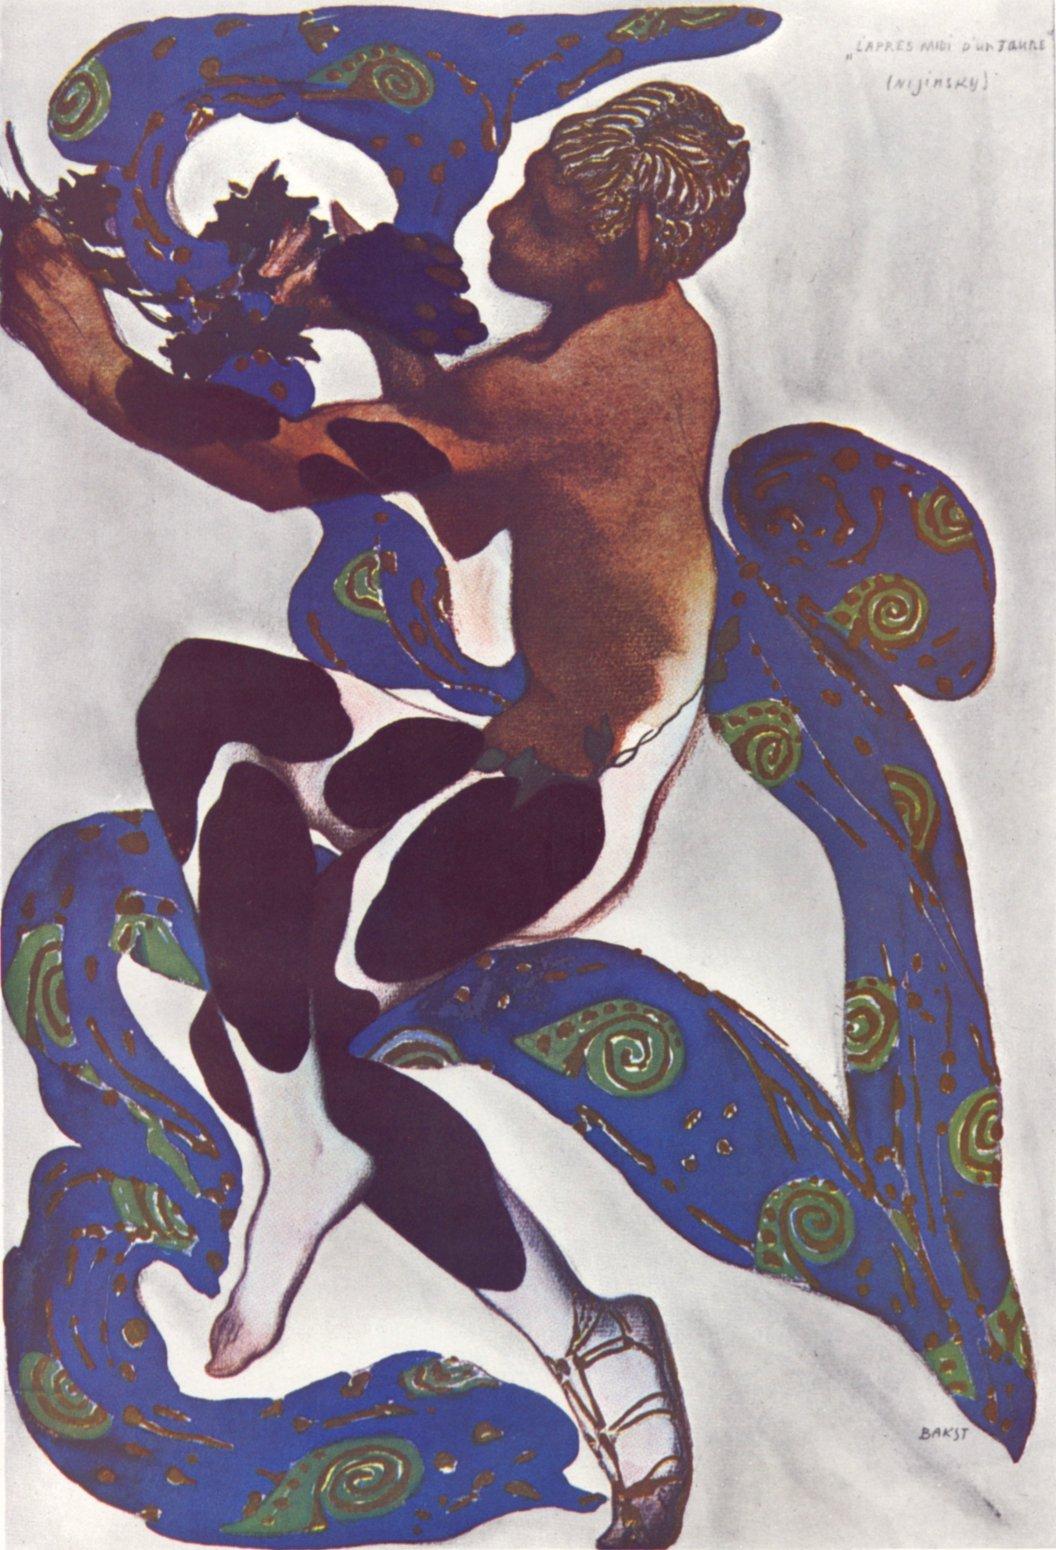 バクスト 『牧神の午後』のニジンスキー (1912) ゼウスの光(1908)   SHALA&a